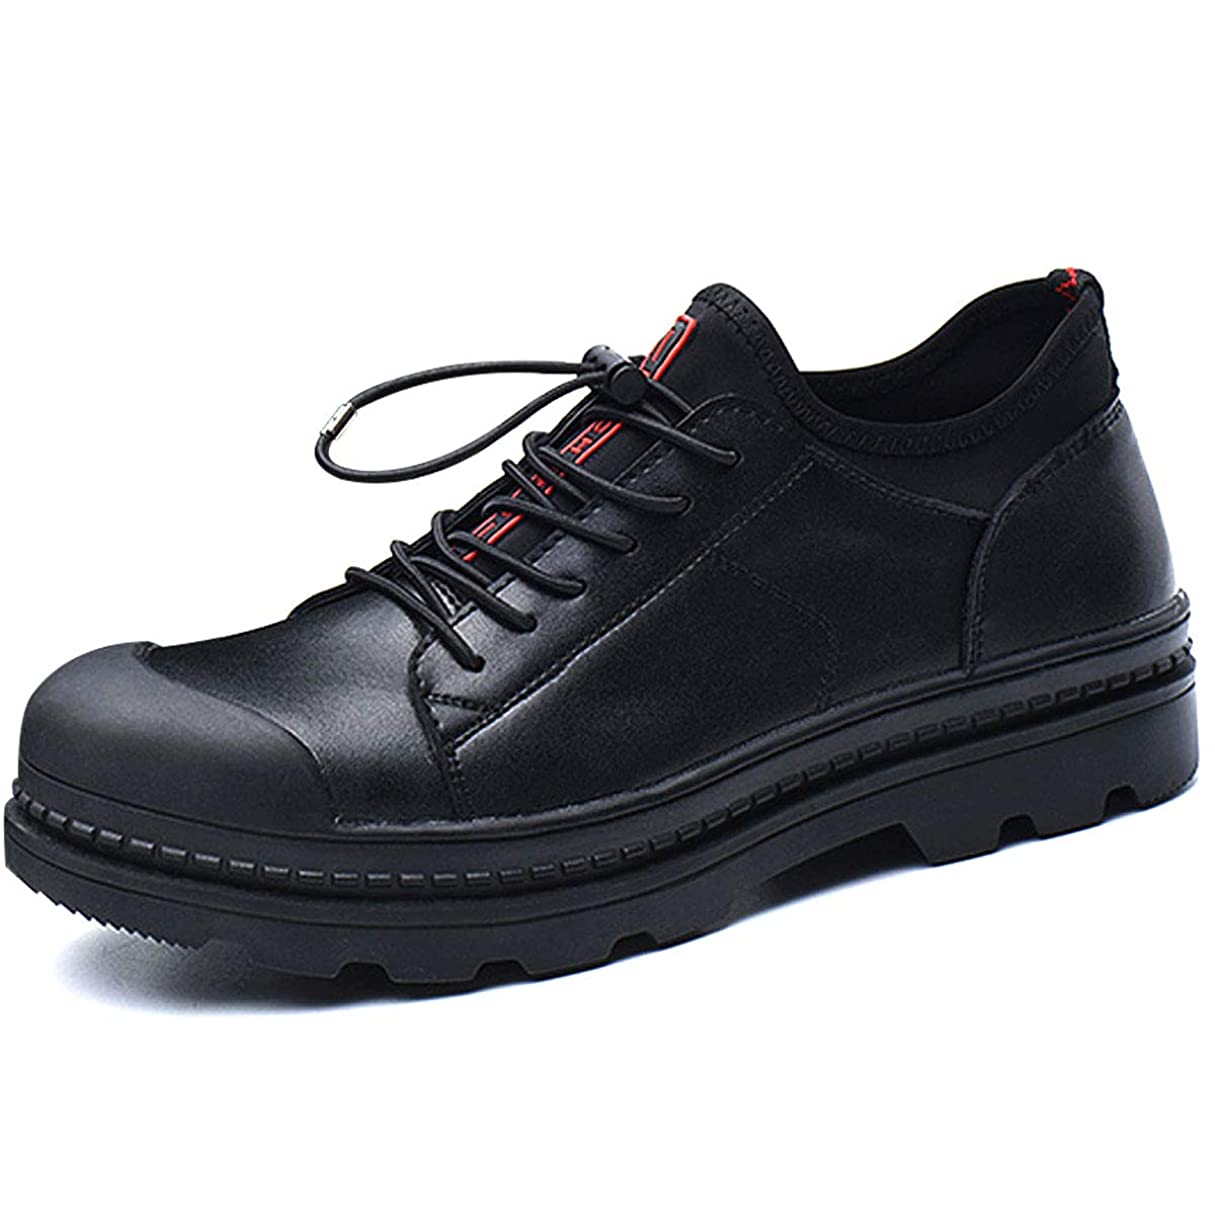 委託申請者変形する[CHNHIRA] メンズ レディース 安全靴 作業靴 先芯入 スニーカー ファション 耐磨耗 四季通用 結ばない靴ひも デッキシューズ